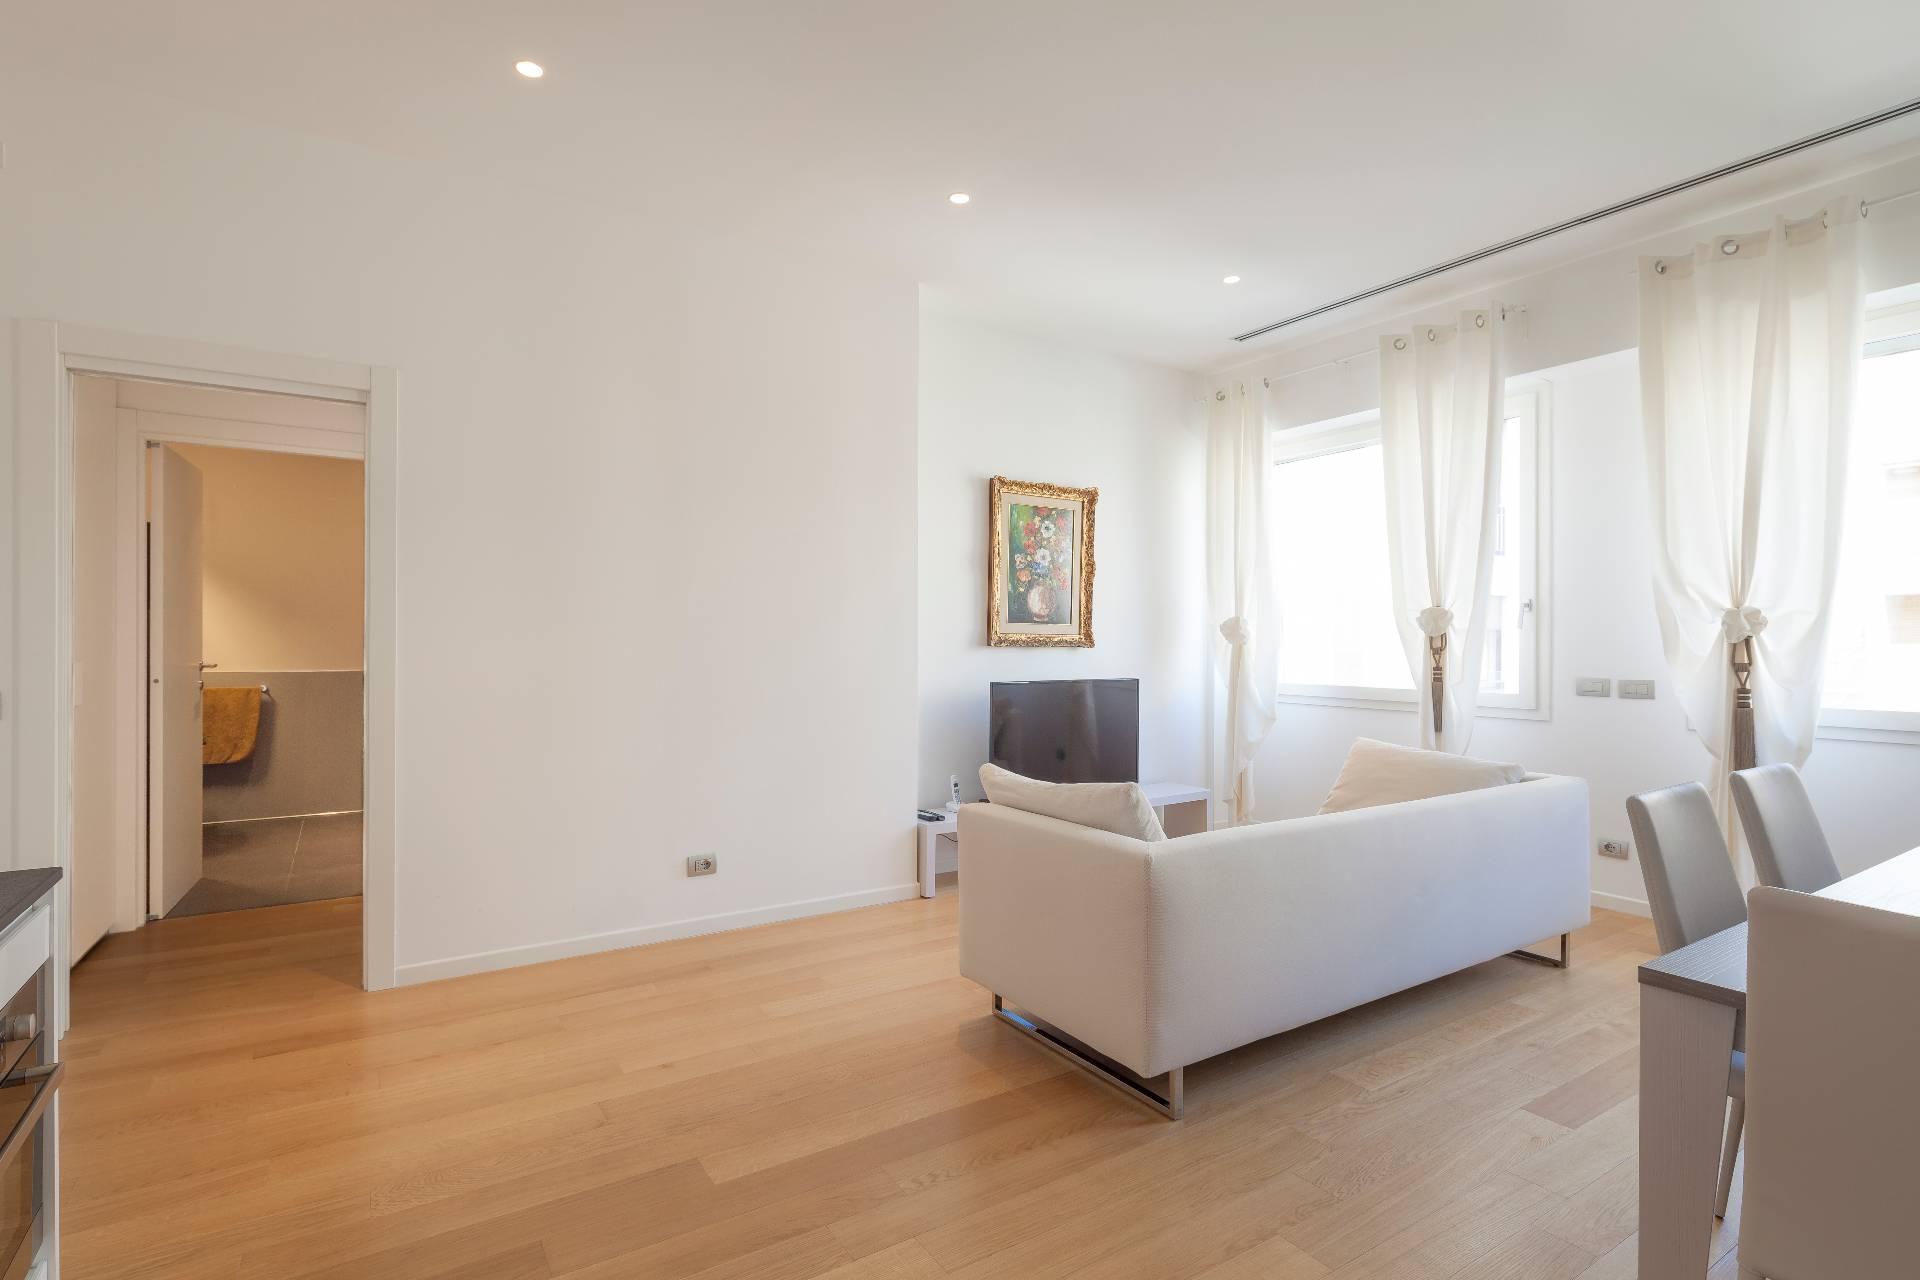 Appartamento in Vendita a Milano: 3 locali, 68 mq - Foto 7